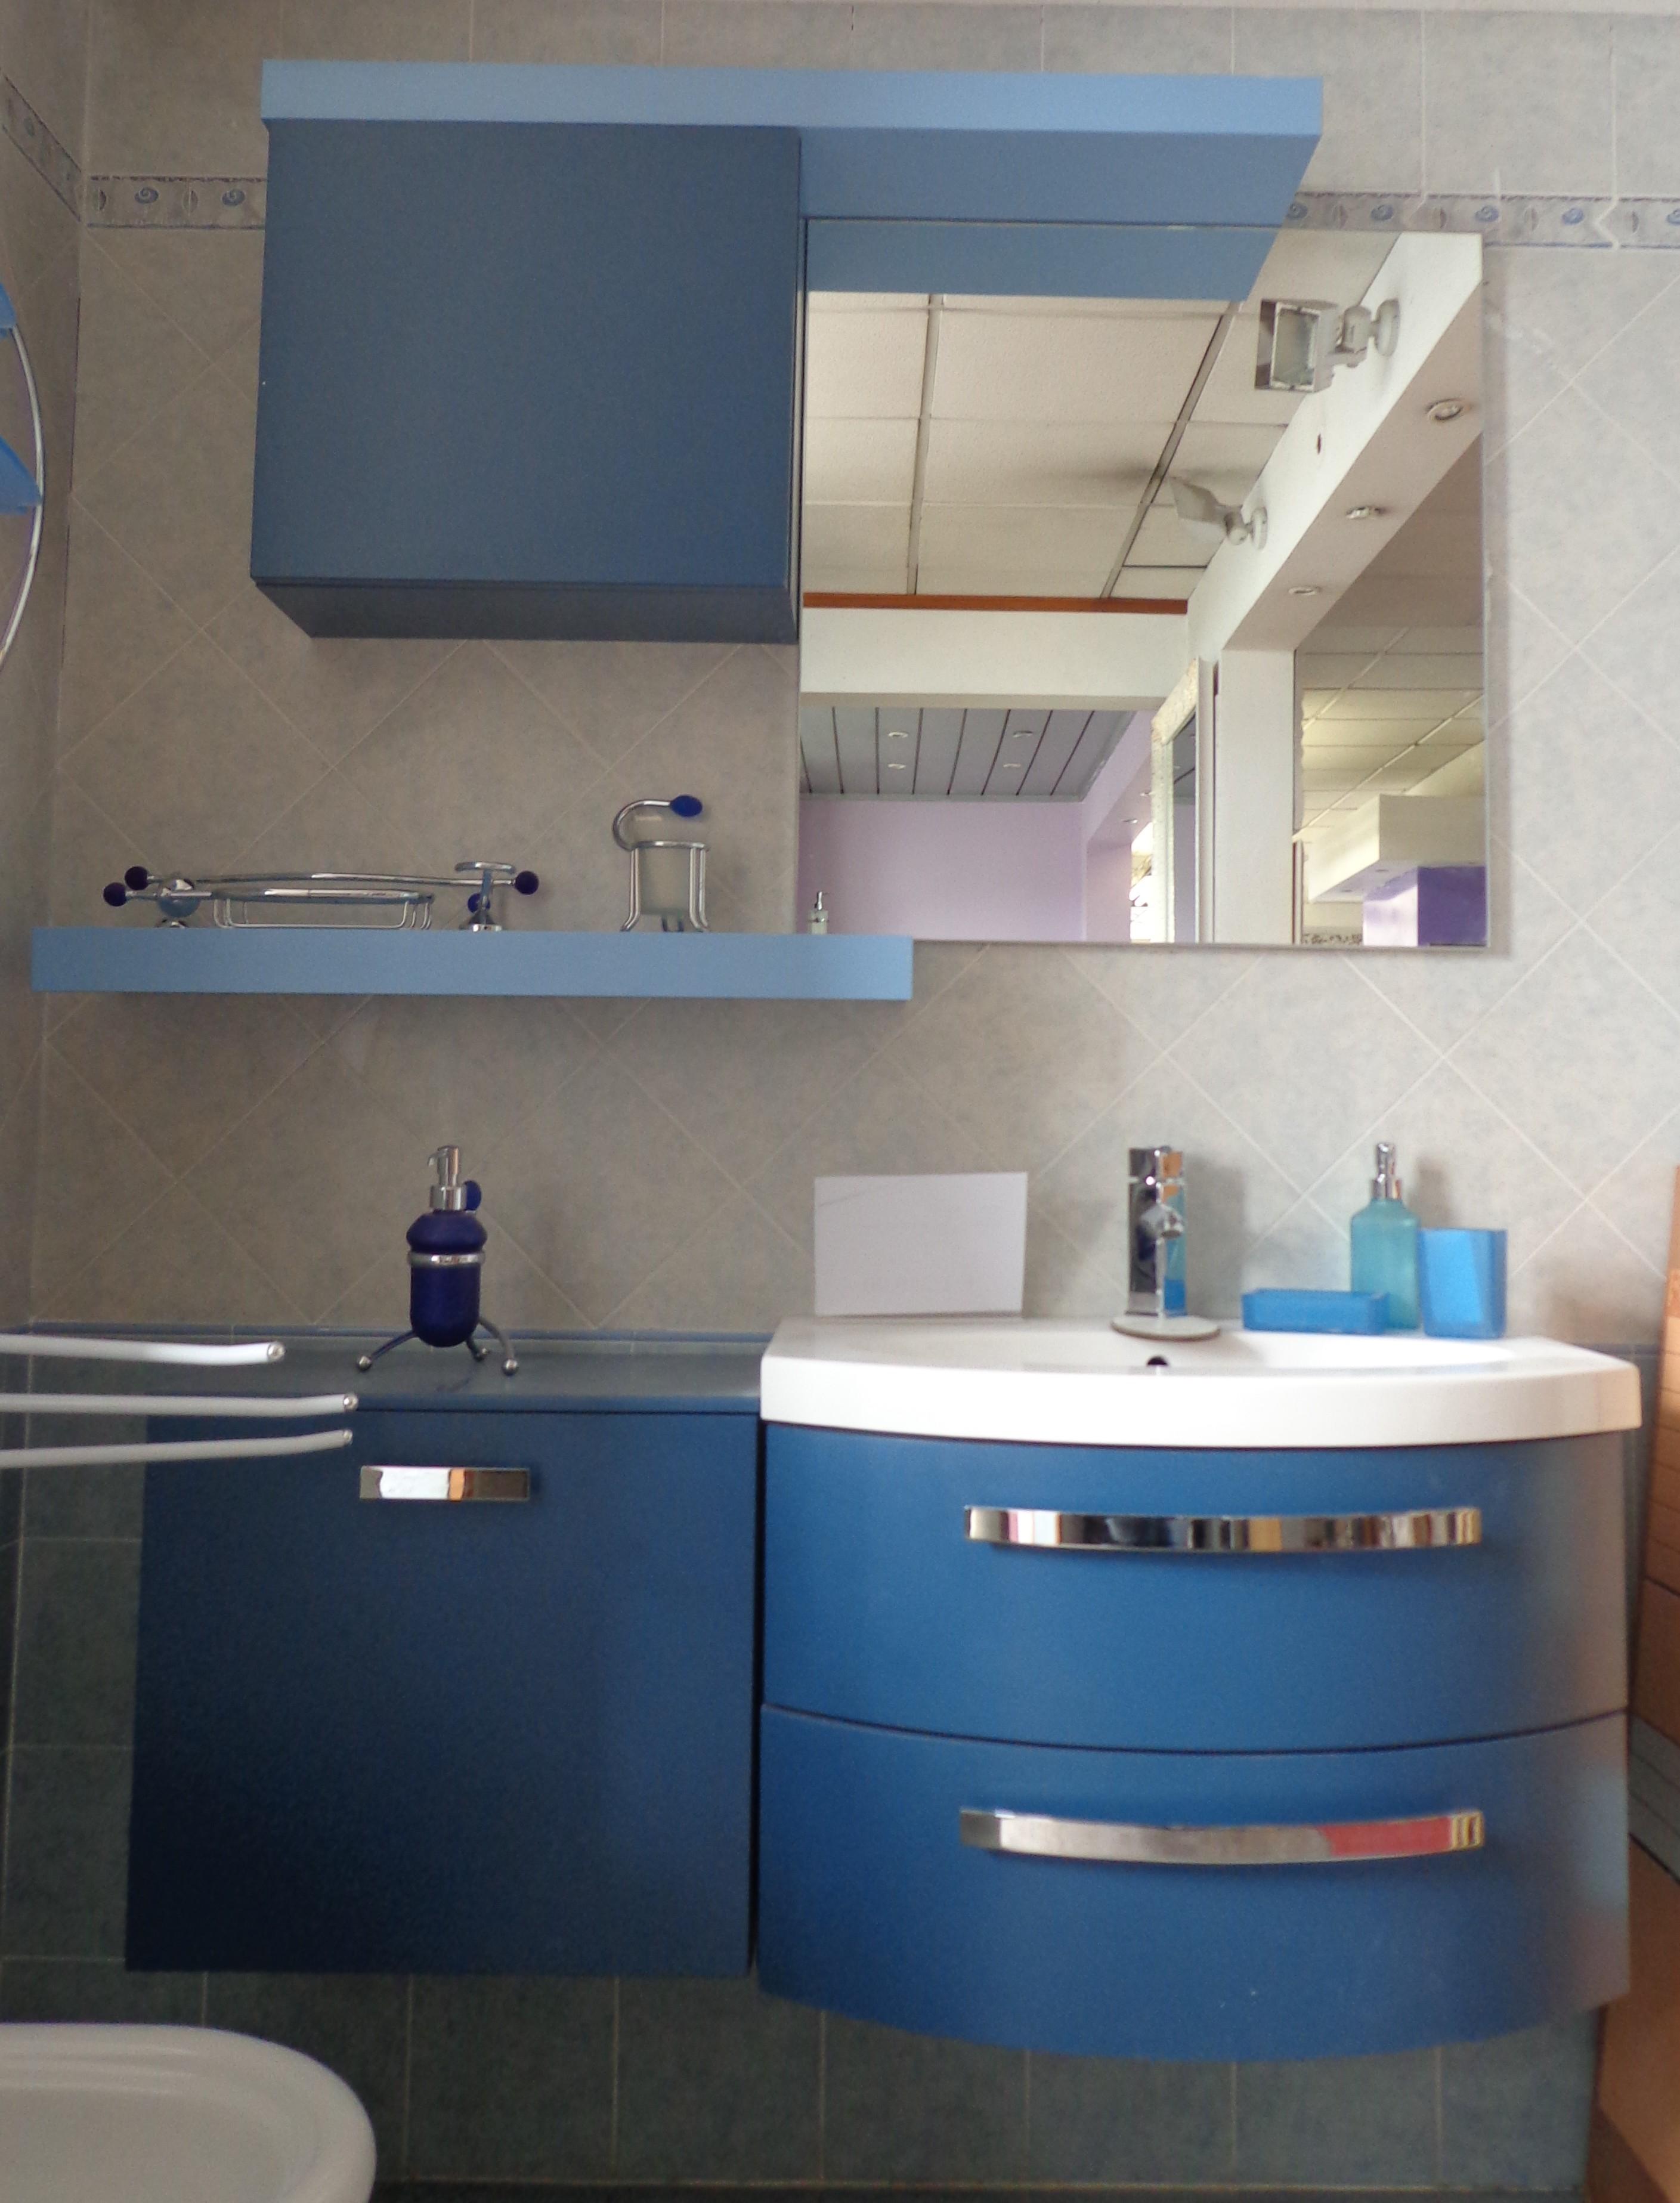 Mobile bagno chunga arredo bagno a prezzi scontati - Mobile bagno blu ...